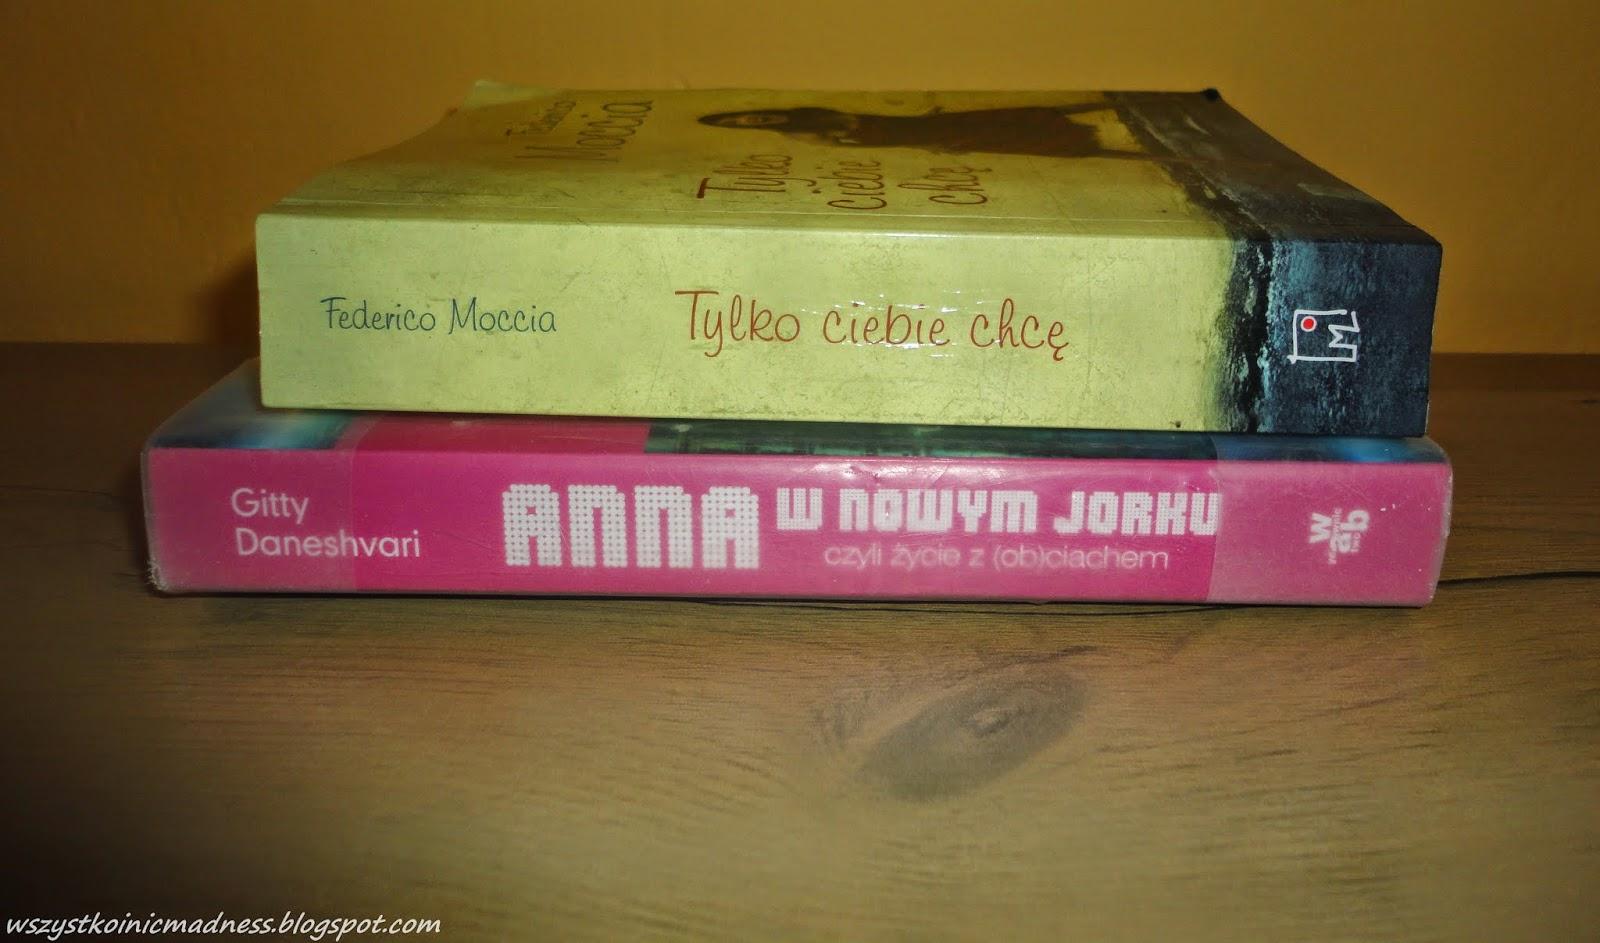 Tylko ciebie chcę Federico Moccia, Anna w Nowym Jorku Gitty Danesshvari.